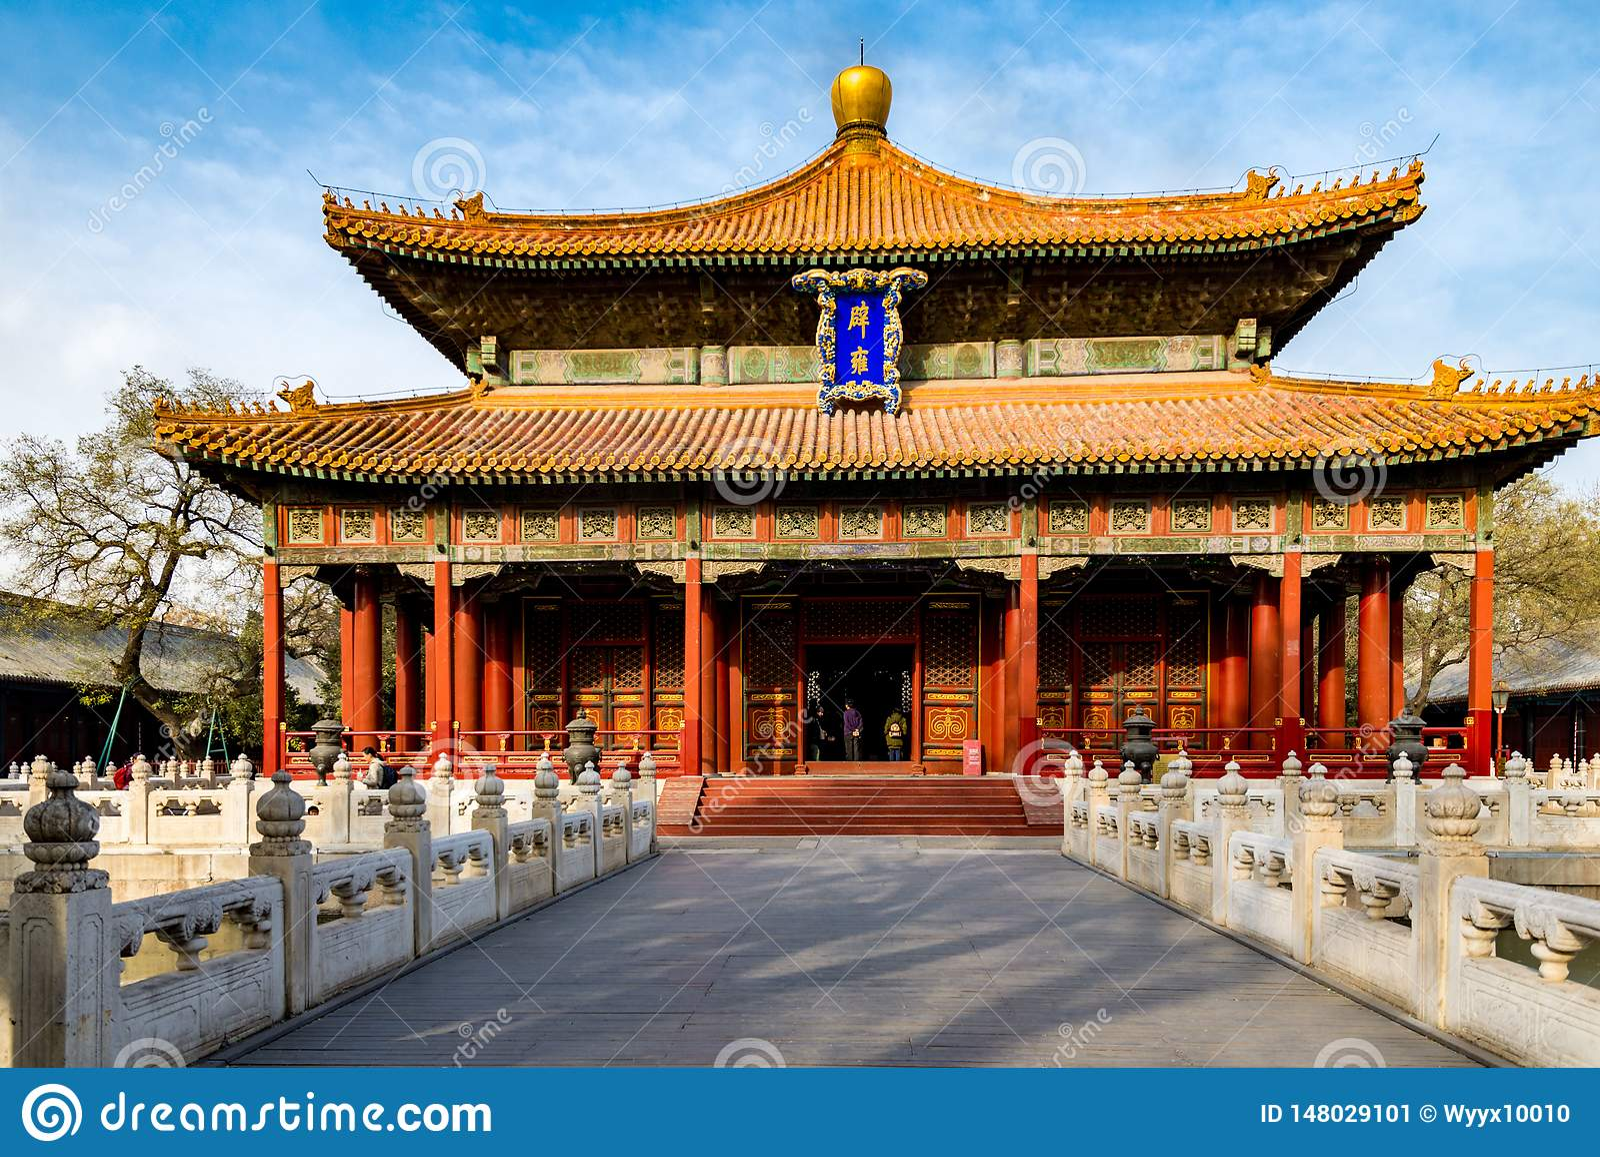 Κλασσική και ιστορική αρχιτεκτονική στο Πεκίνο, Κίνα